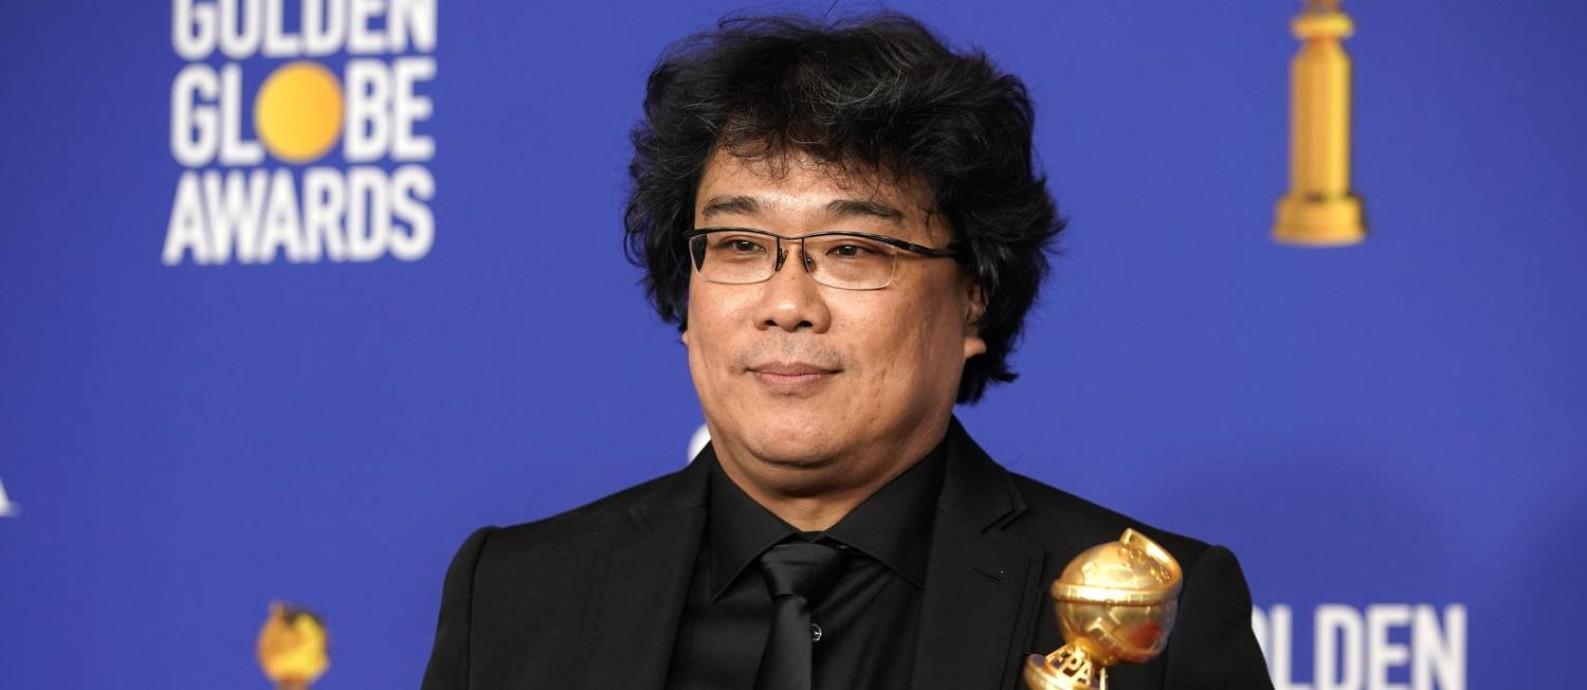 """Bong Joon Ho, diretor de """"Parasita"""", que levou o Globo de Ouro por melhor filme em língua estrangeira Foto: MIKE BLAKE / REUTERS"""